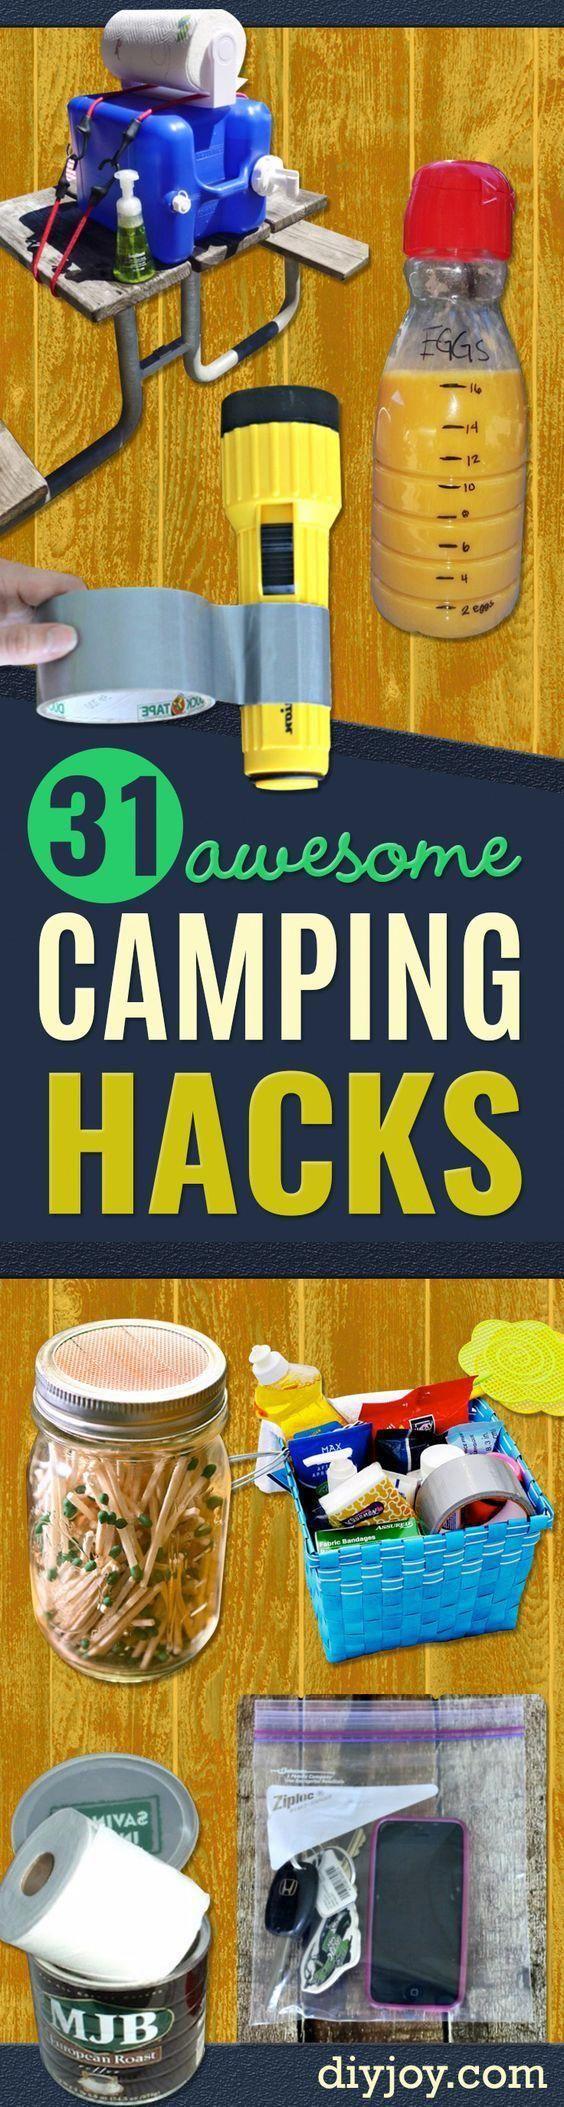 primitive camping checklist Campingchecklist Camping